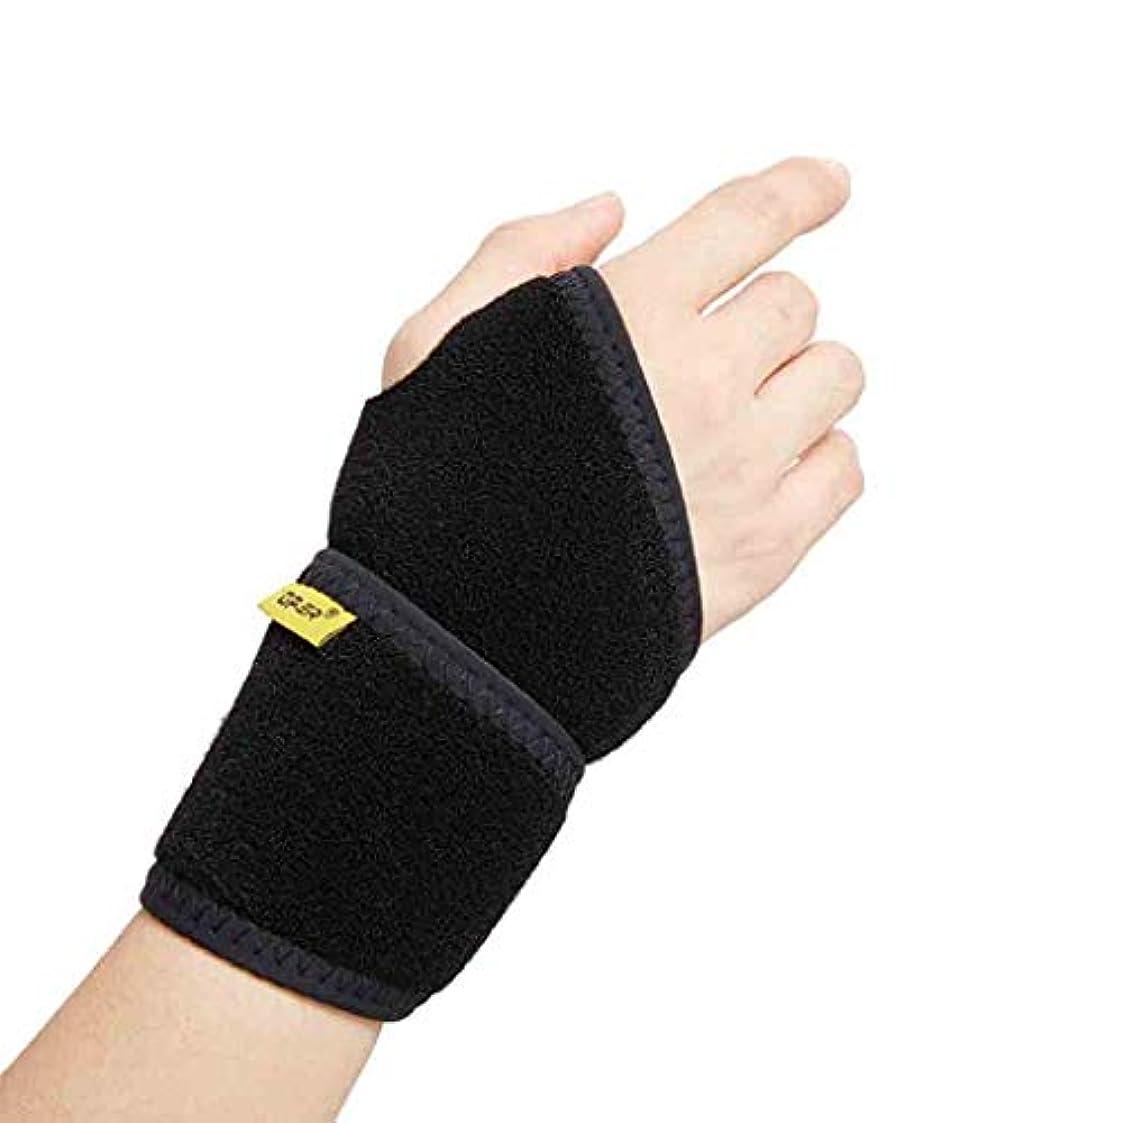 確立遵守する説得関節炎のためのThumbのスプリントは右手の手首サポート左手手根サポートを手根管トンネルの痛みを軽減するための男性と女性をトリガー Roscloud@